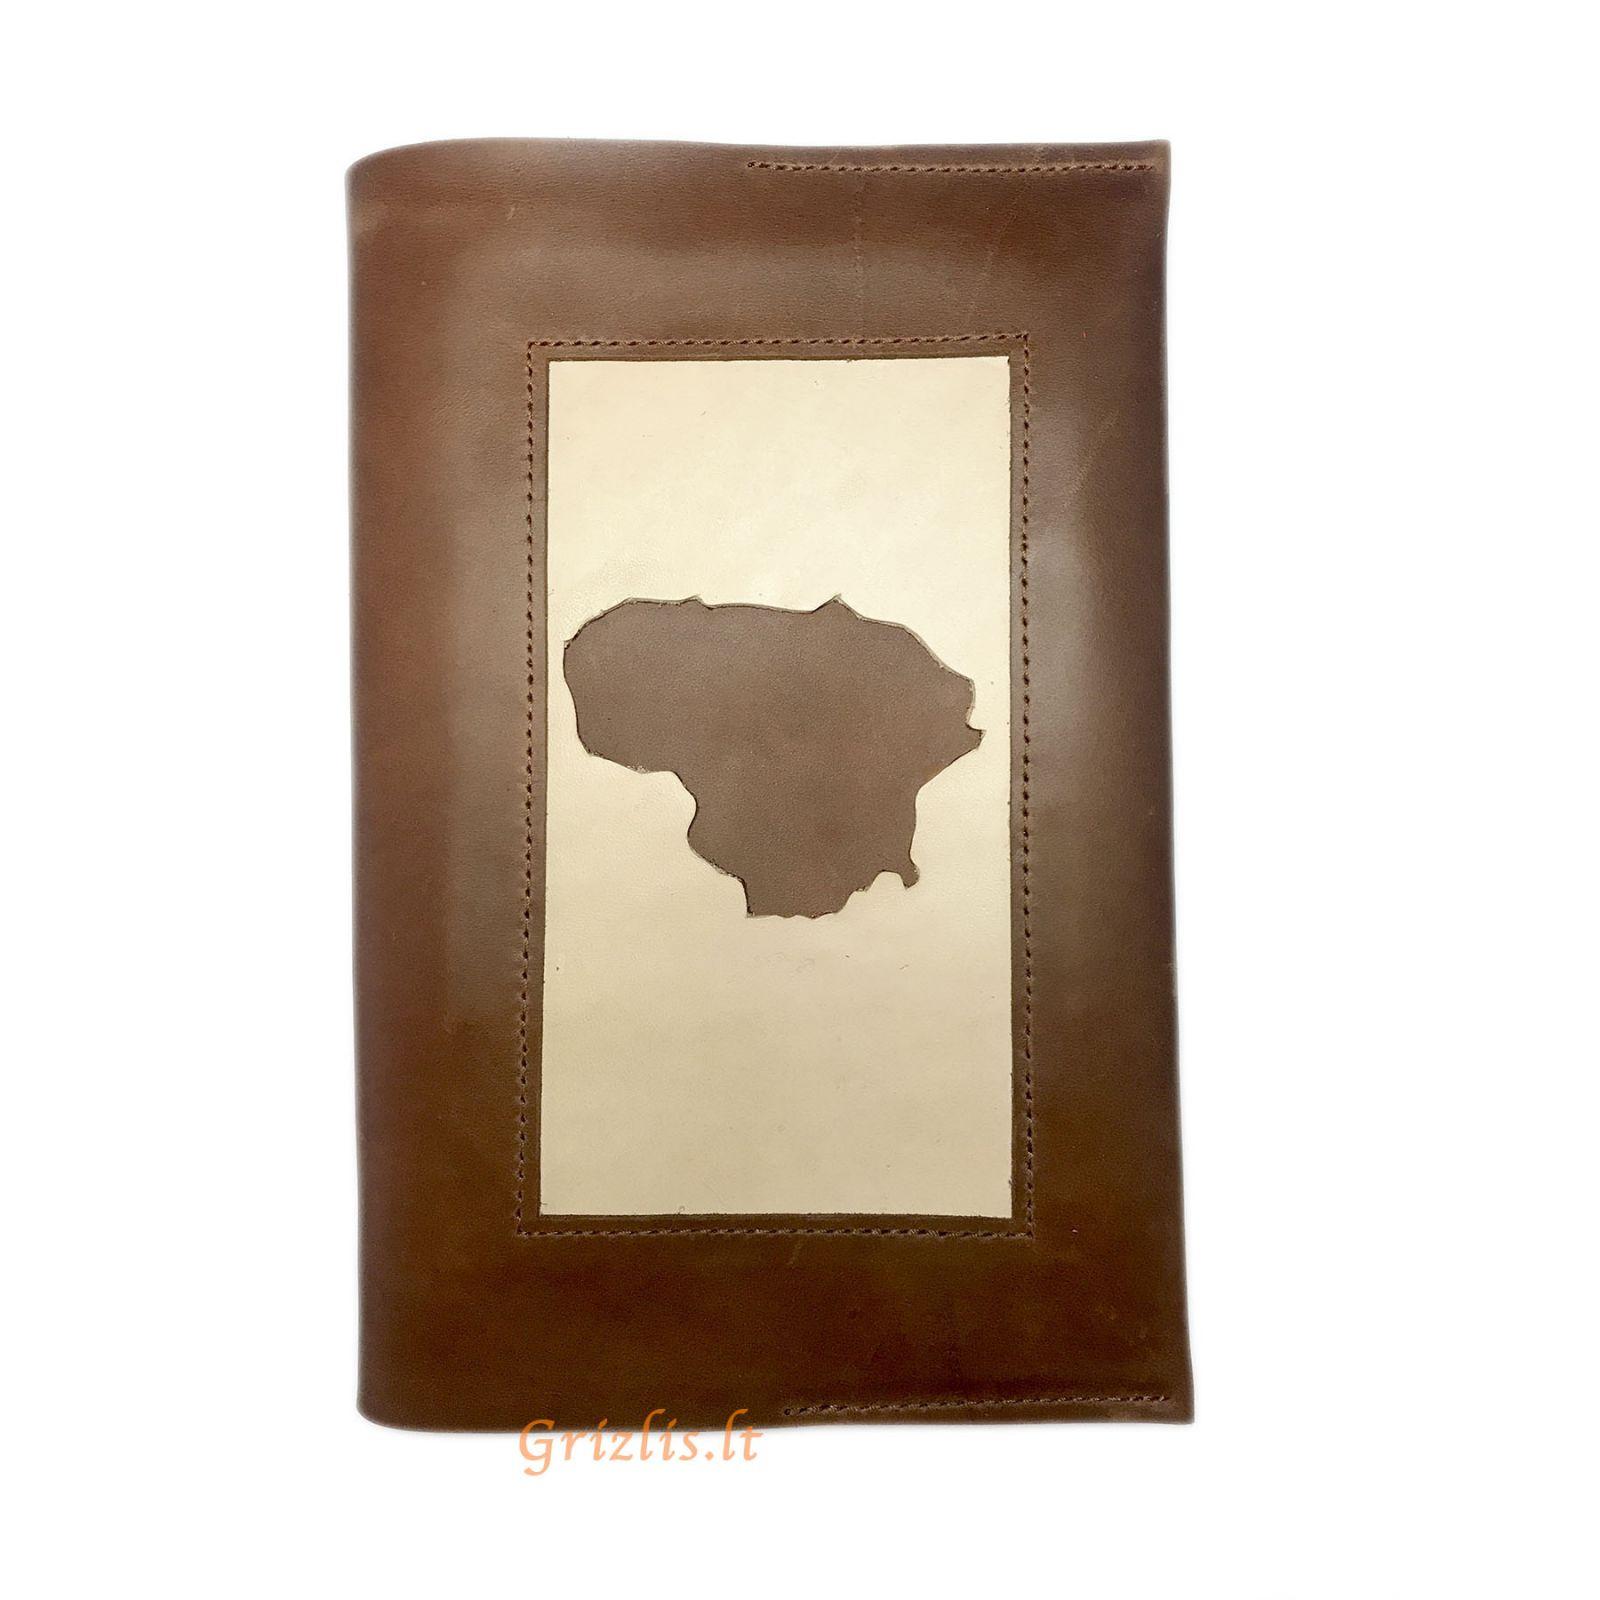 grizlis Odines uzrasines is naturalios odos lietuvos zemelapis simbolika herbas vytis rudas dovanos vyrams mamai teciui sunui dukrai zentui anukui dienorastis mergiani kareiviui policininkui